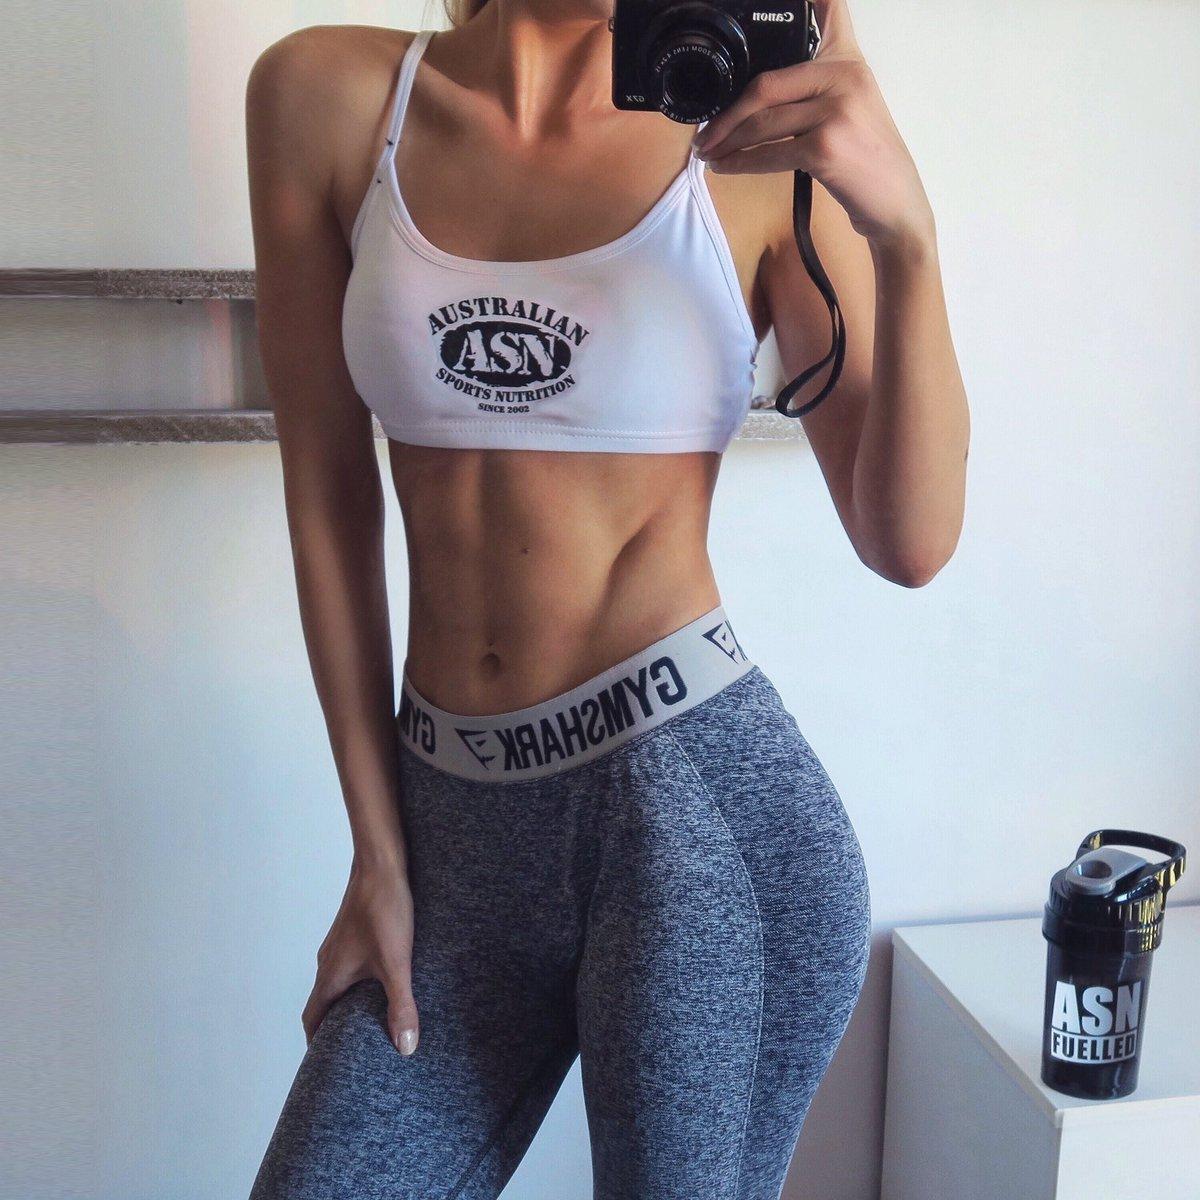 Ashley Hayman